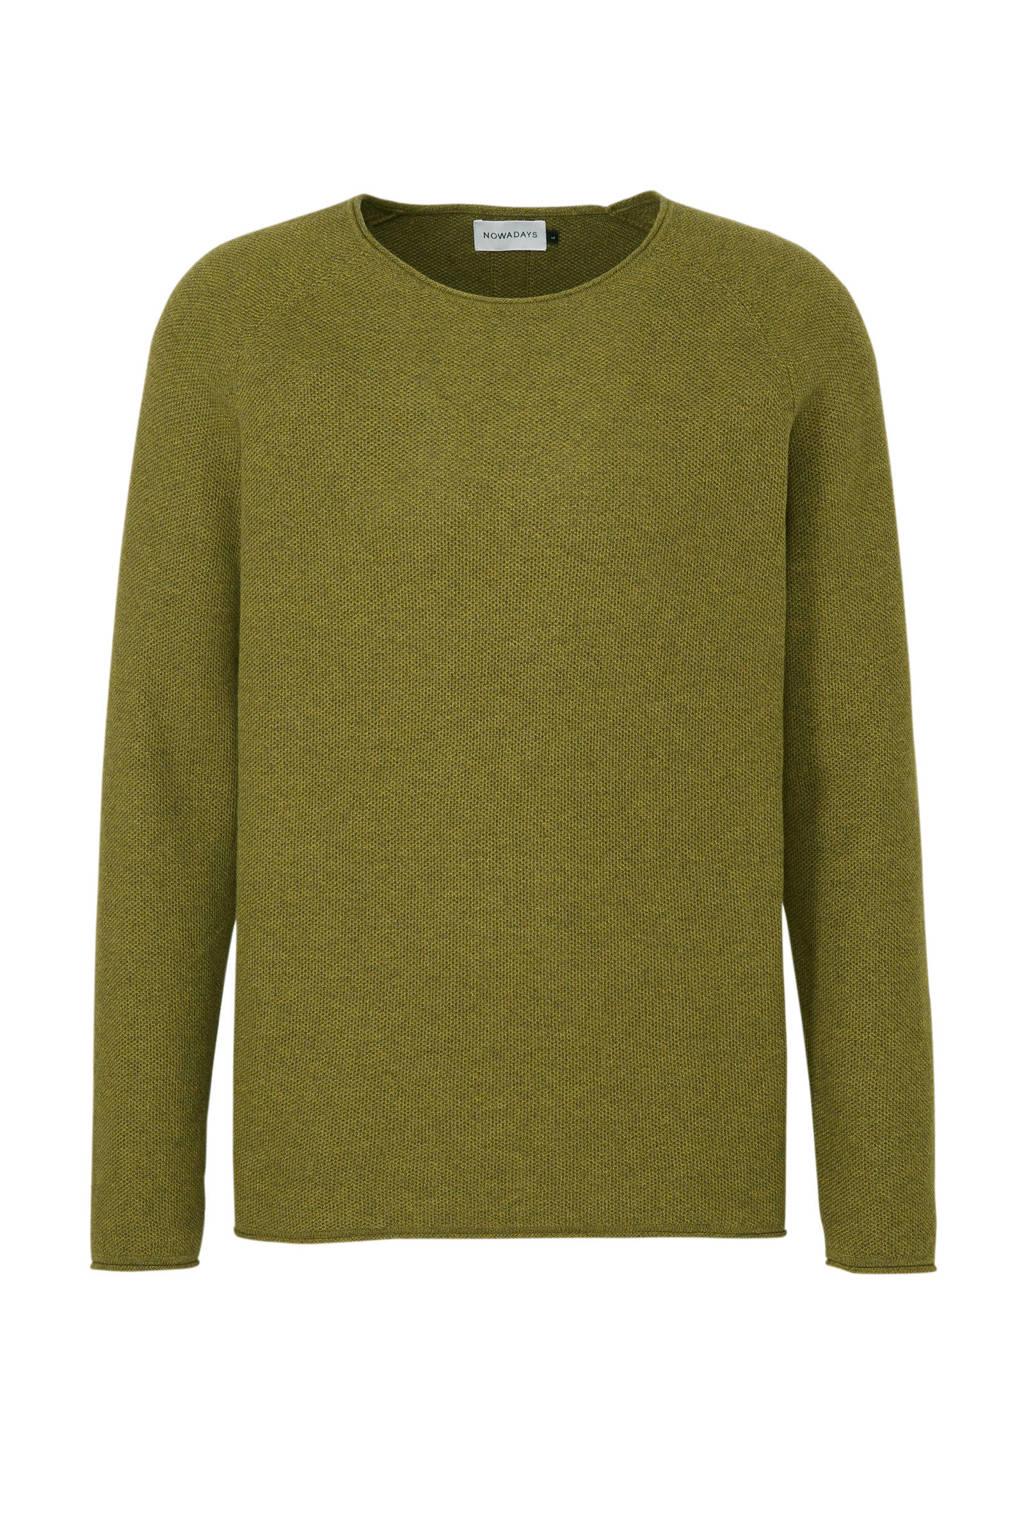 Nowadays trui olijfgroen, Olijfgroen